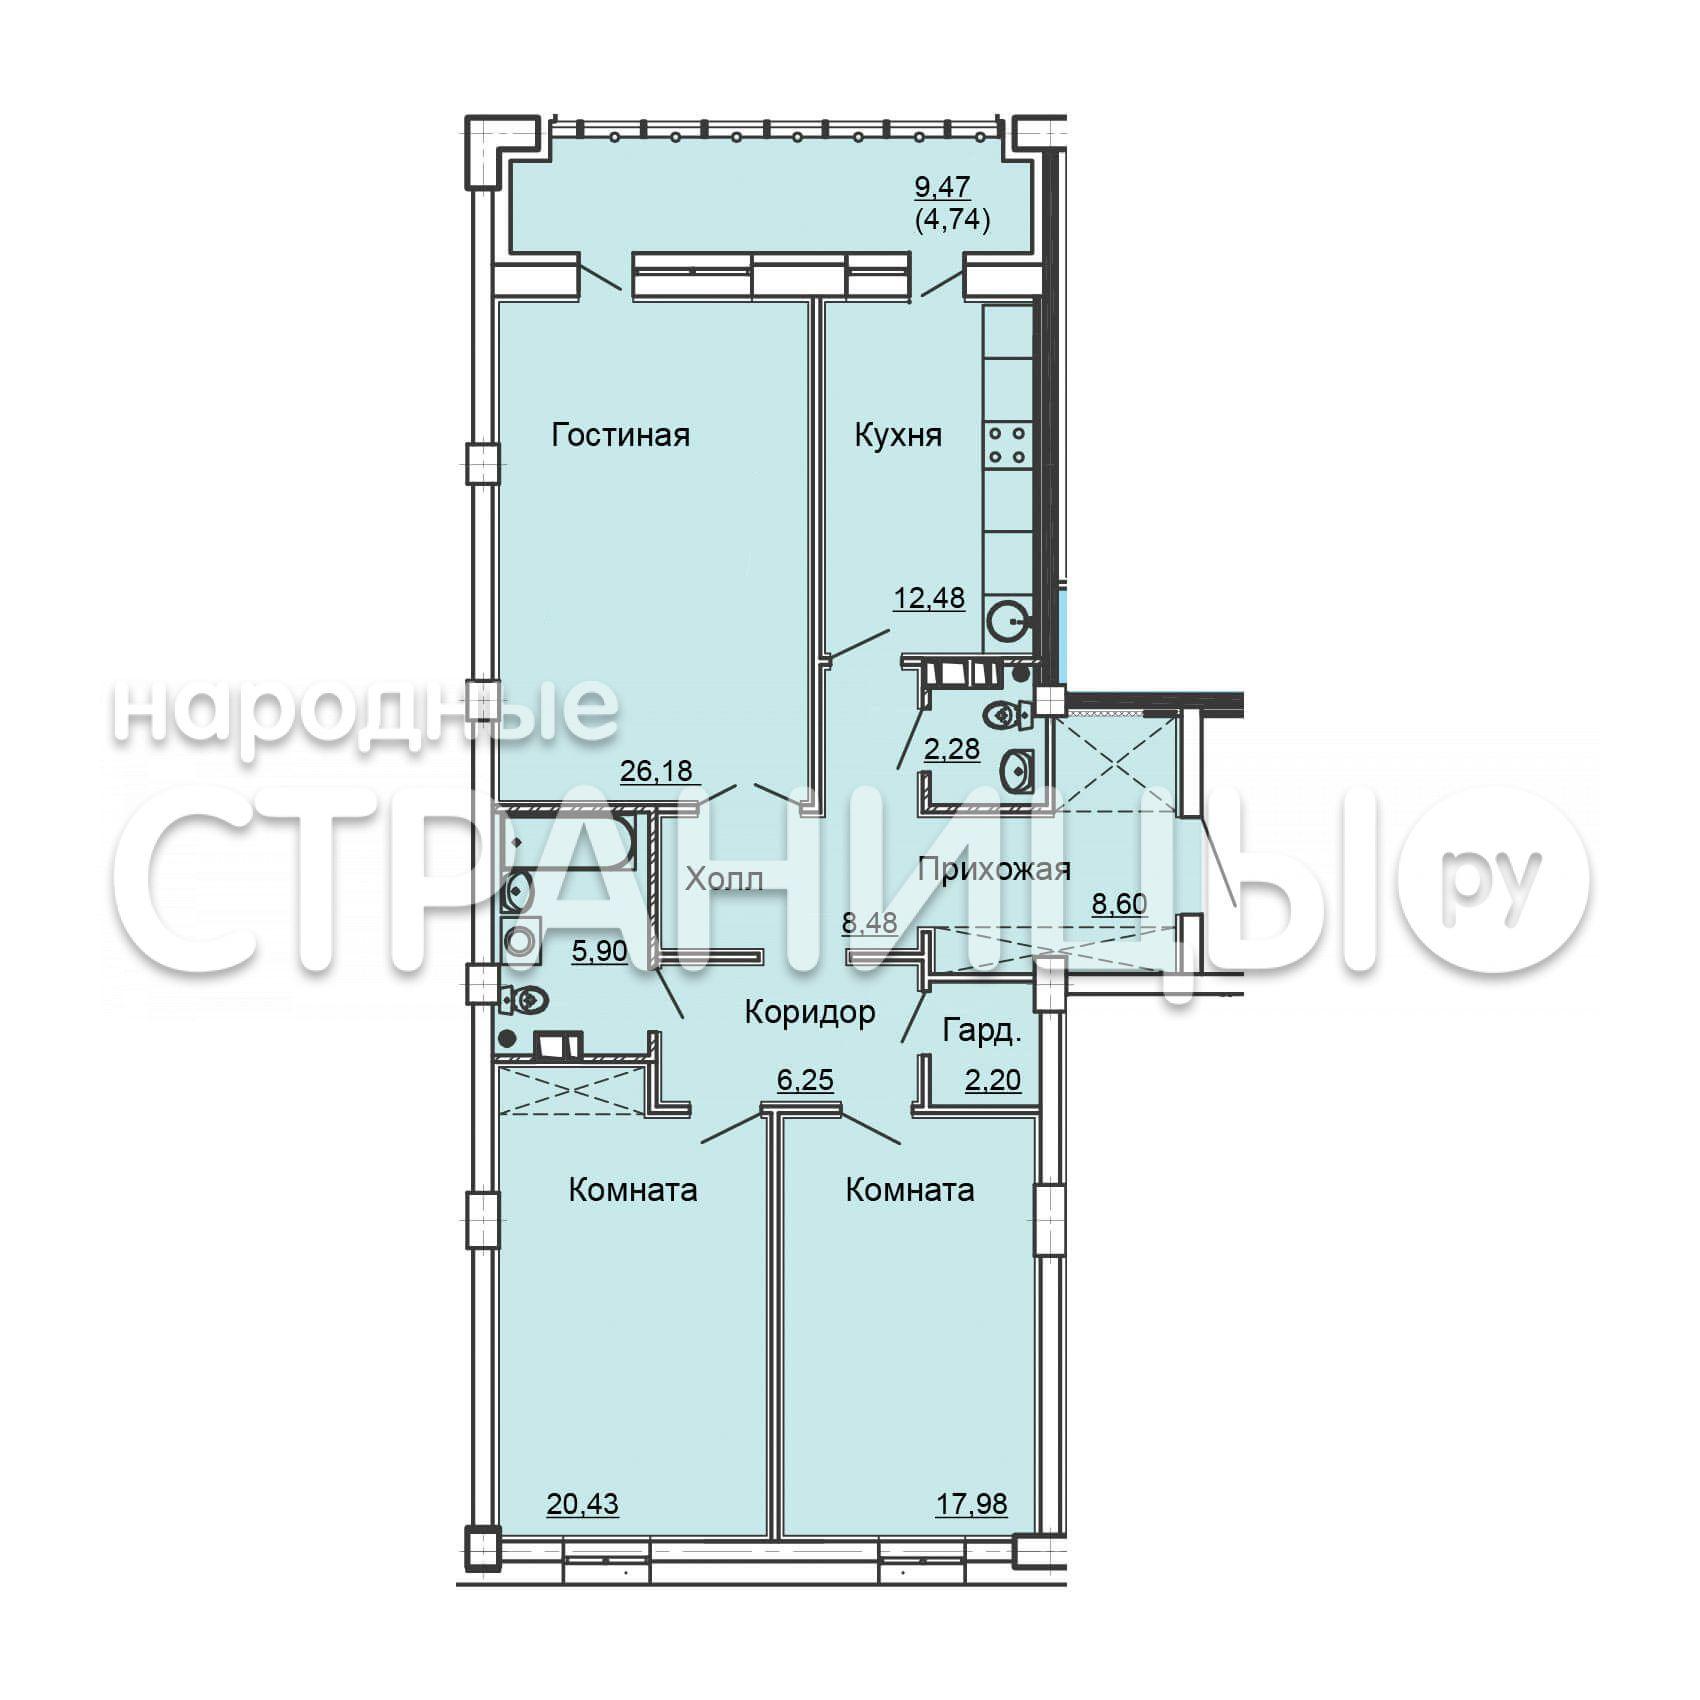 3-комнатная квартира, 121.9 м²,  9/25 эт. Кирпичный дом